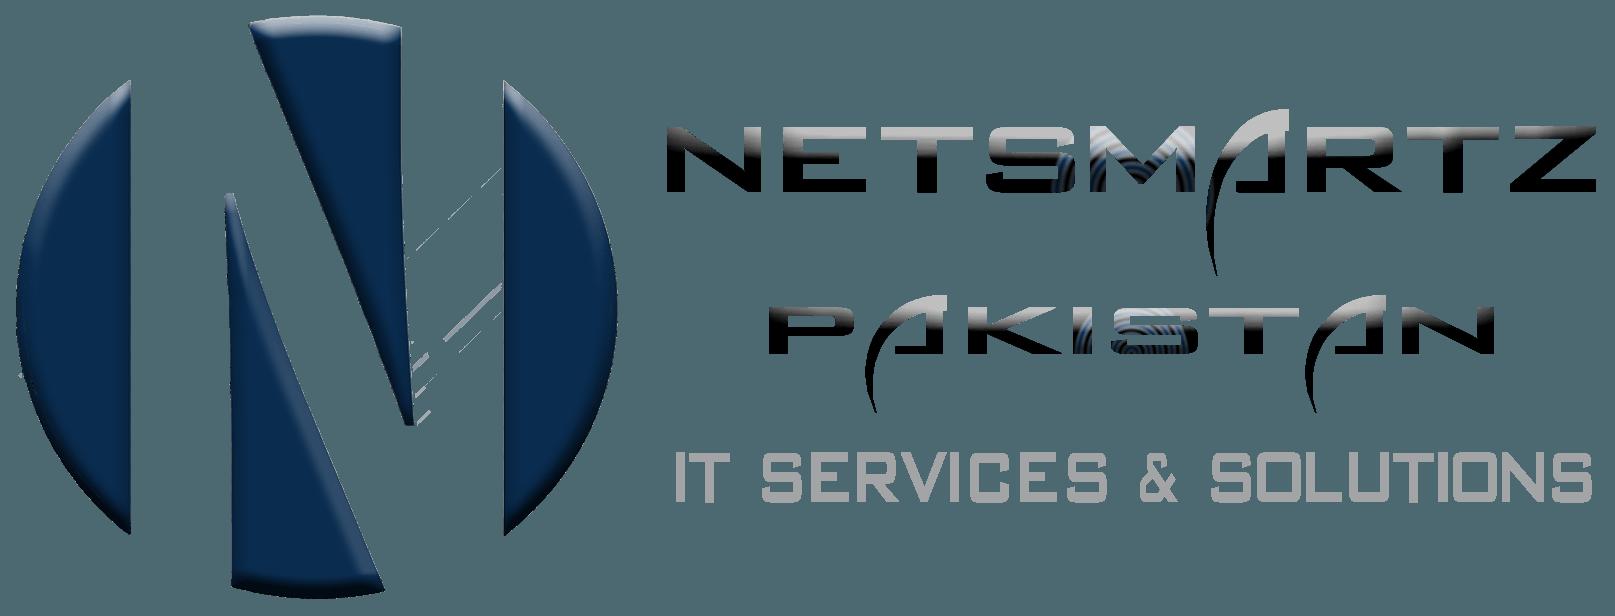 Netsmartz Pakistan | Best IT Services in Pakistan